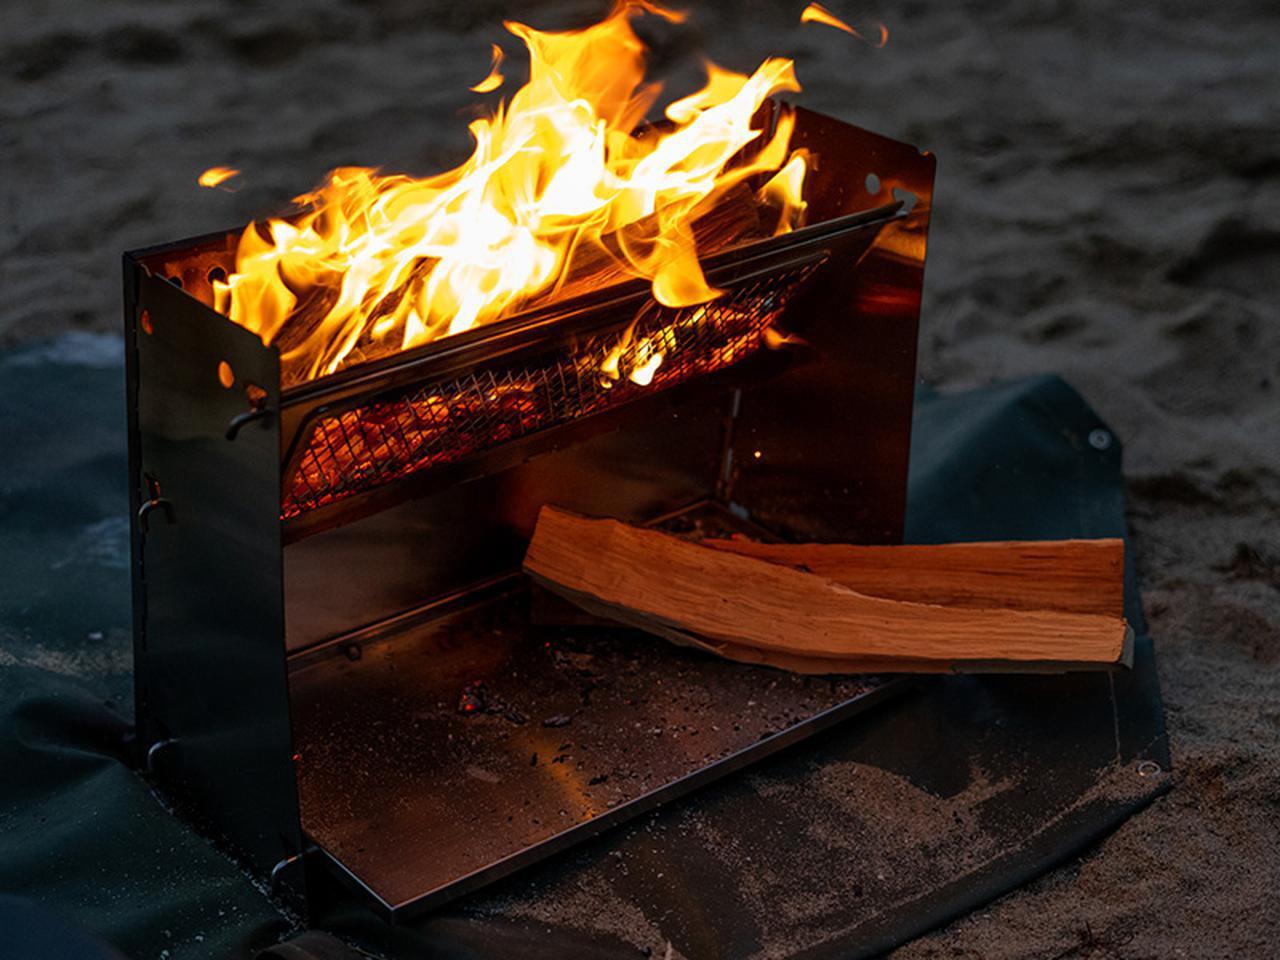 画像4: 焚き火の熱を存分に感じる、暖かさに特化した焚き火台